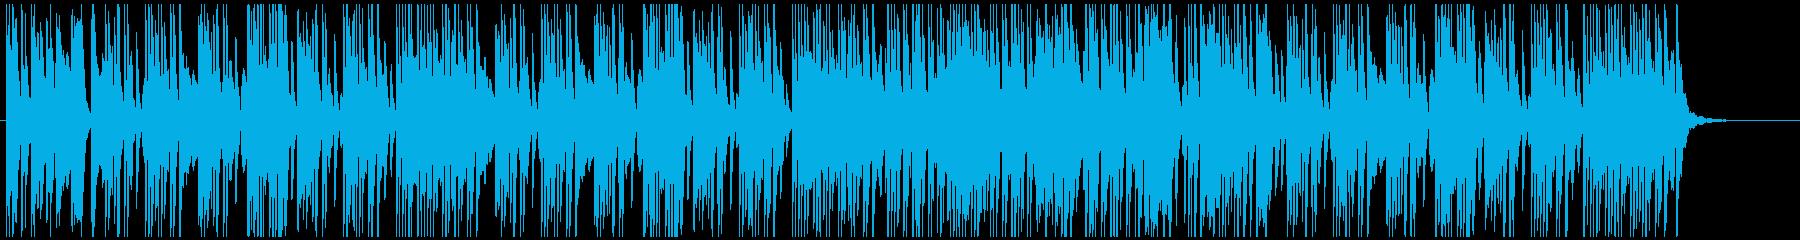 楽しく陽気なエンターティナーのピアノソロの再生済みの波形